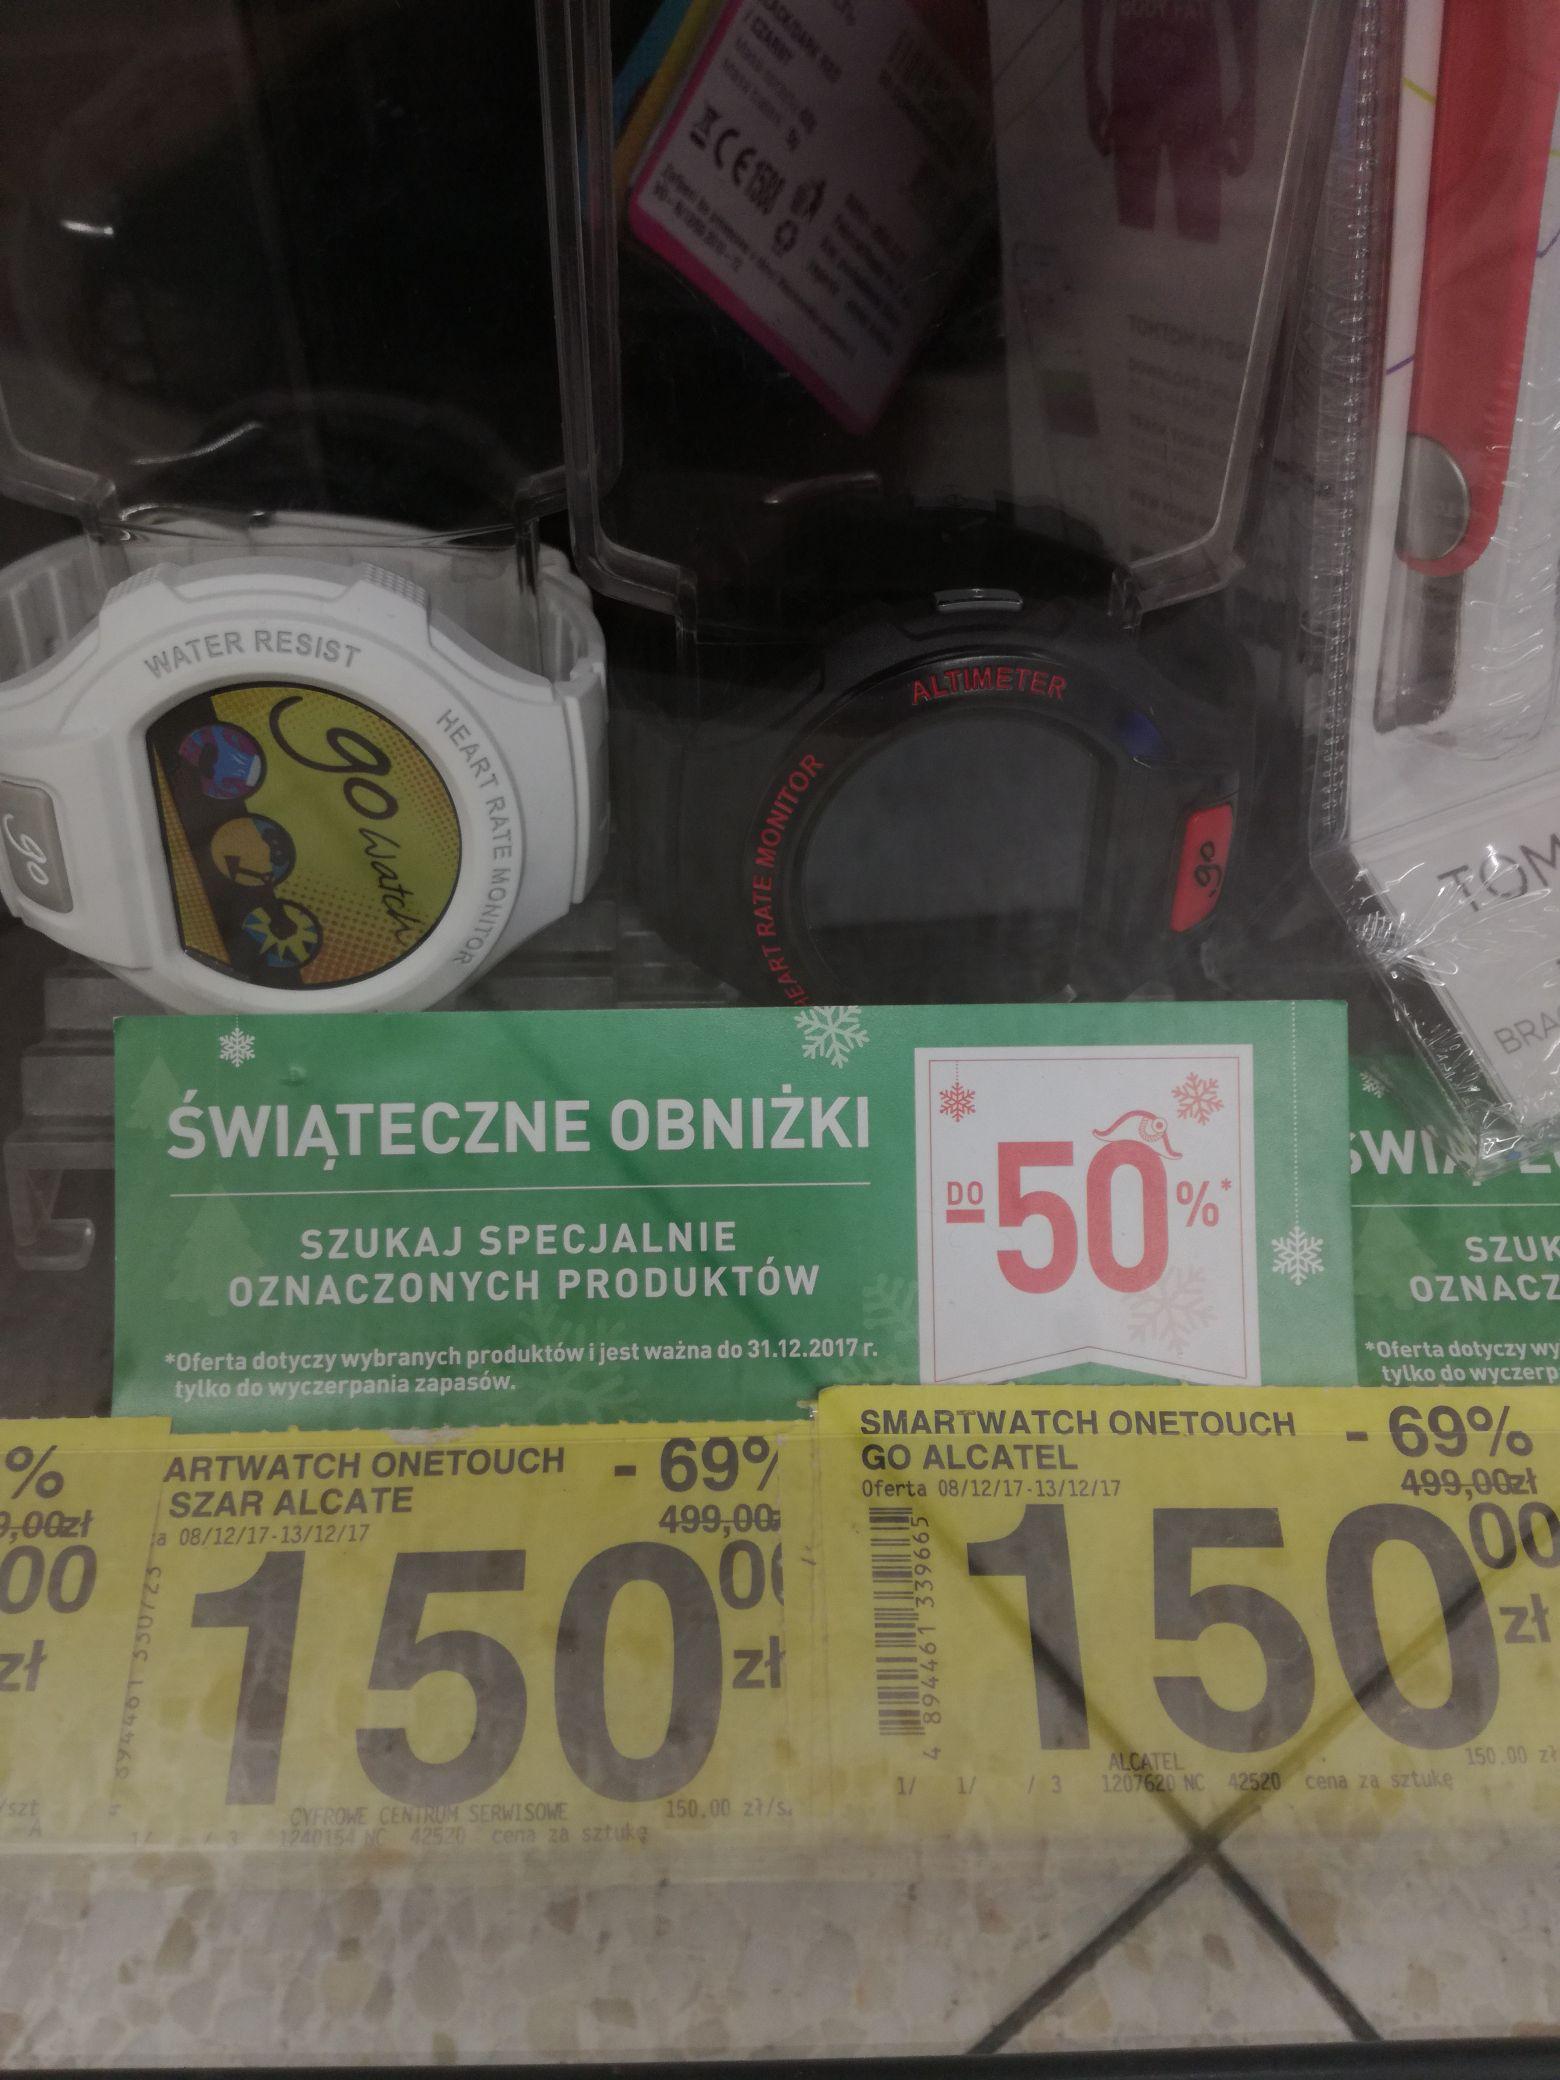 Smartwatch onetouch go Alcatel